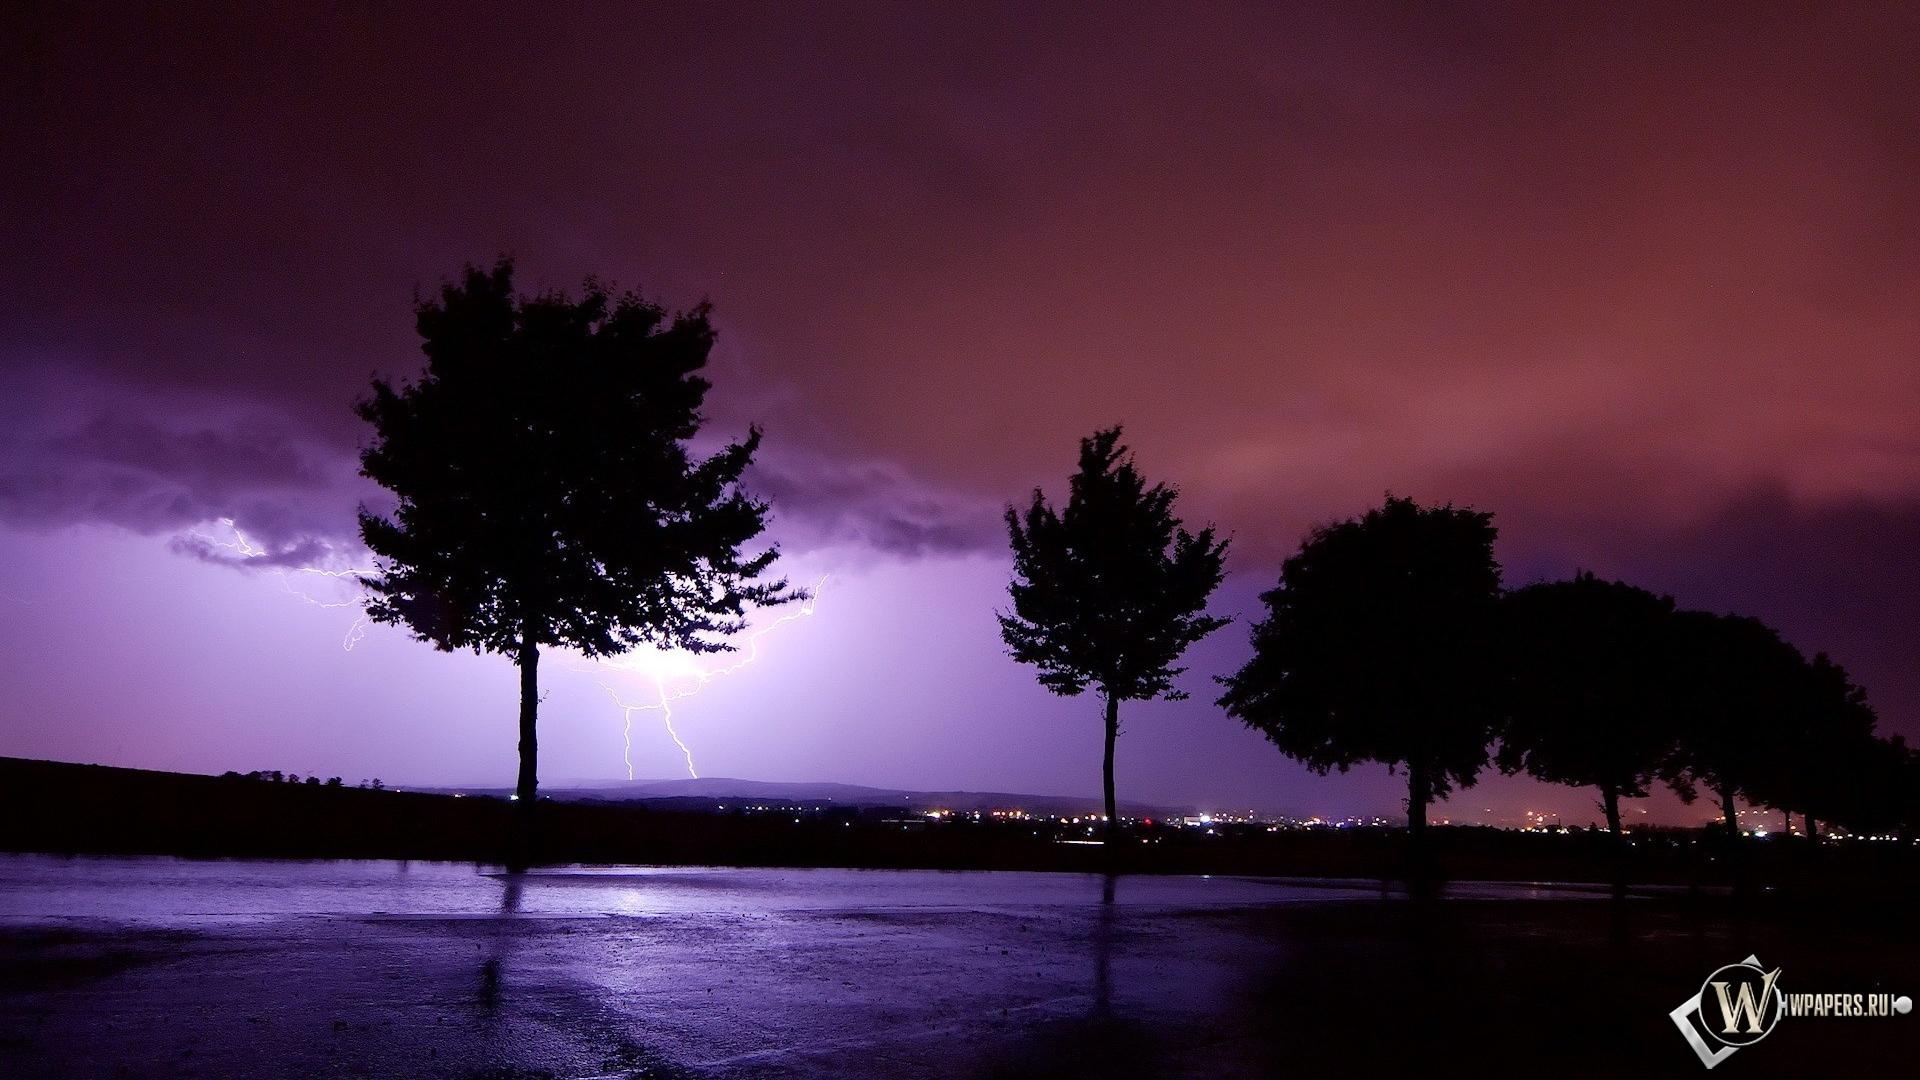 Горизонтальная молния обои для рабочего стола картинки и